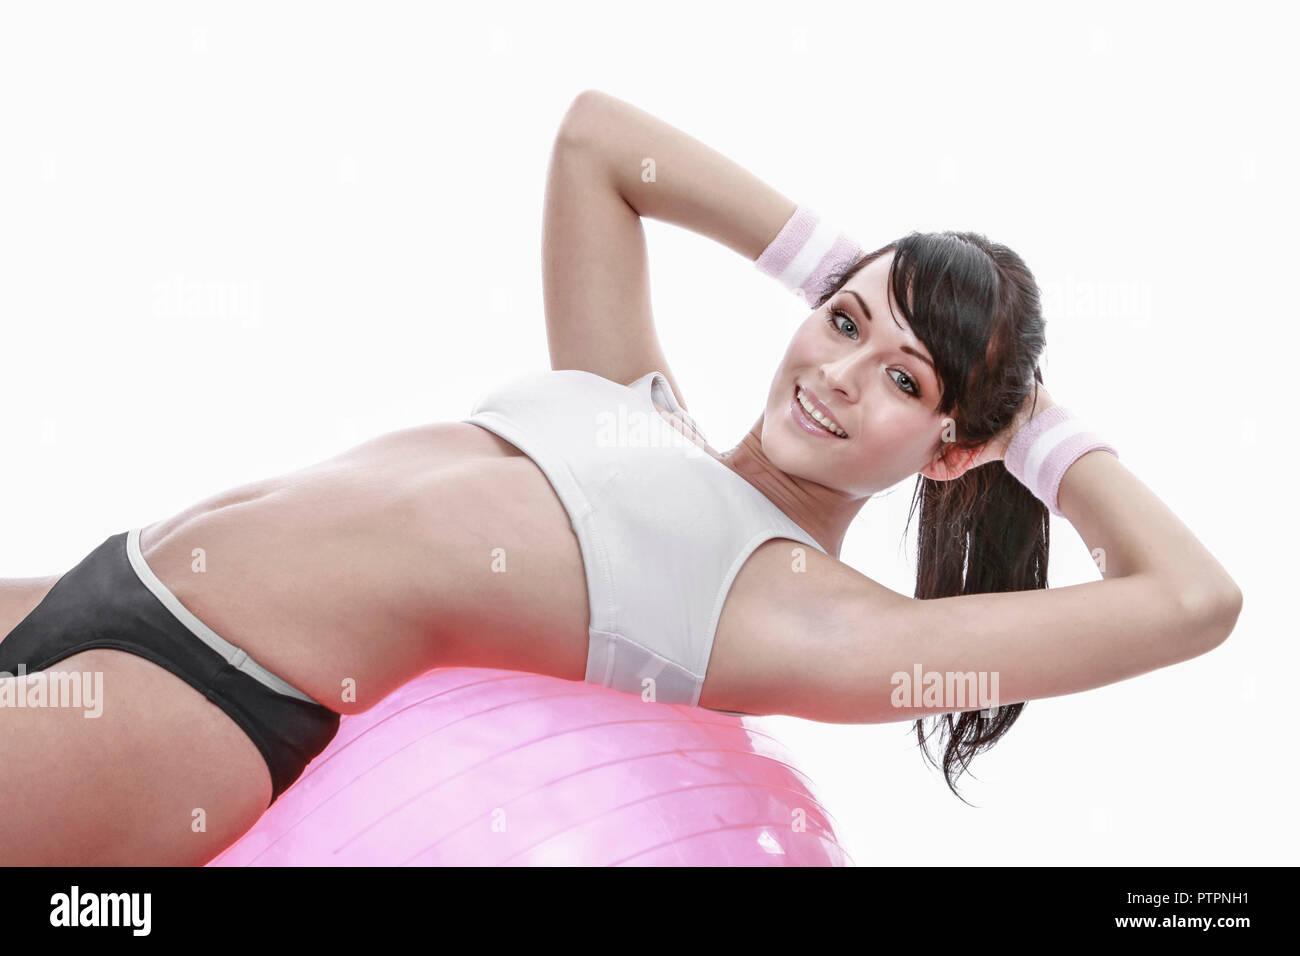 Aktiv, Ball, Bewegung, Fitness, Fitnessraum, Fitnessstudio, Gesundheit, Gymnastik, Innenaufnahme, Ruecken, Rueckengymnastik, Sport, Sportbekleidung, S - Stock Image